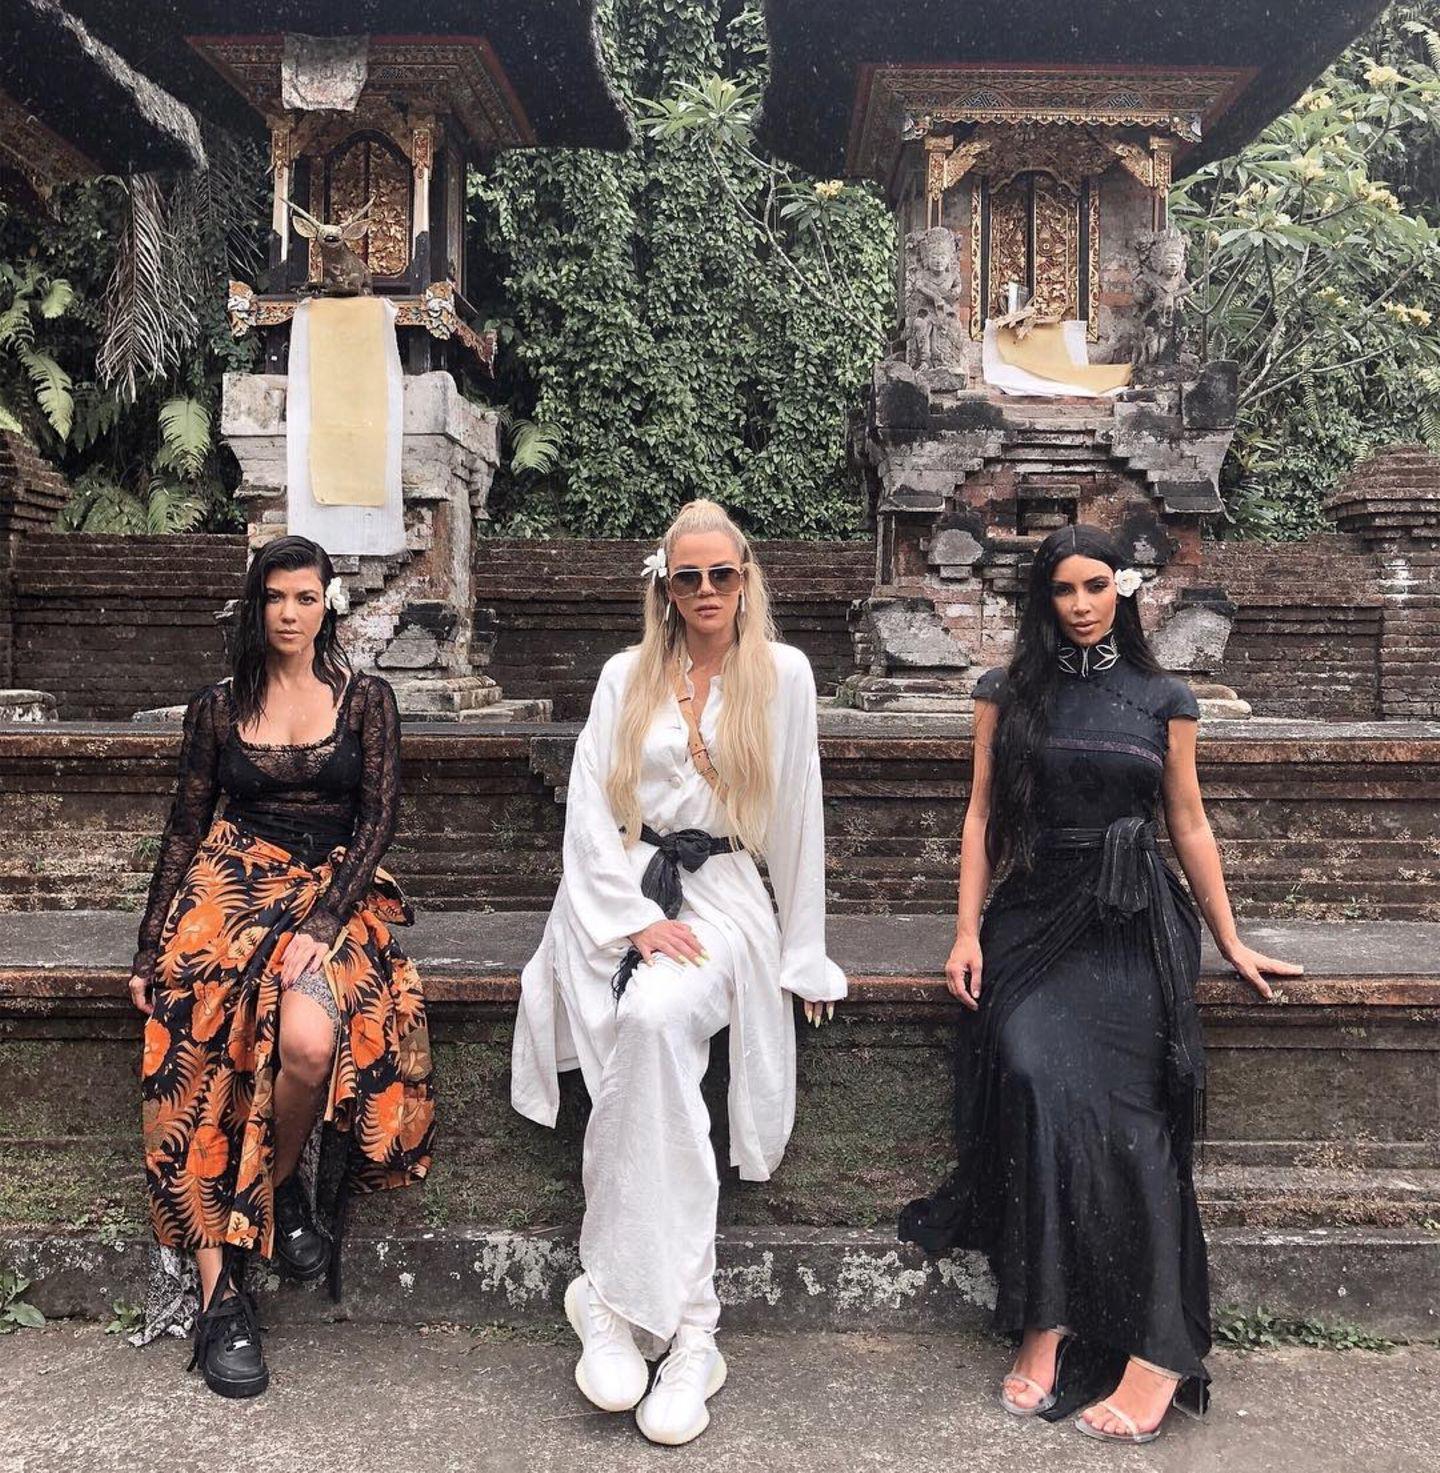 31. Oktober 2018  In heißen Outfits posieren die drei Kardashian-Schwestern Kourtney, Khloe und Kim Kardashian vor einer malerischen Kulisse auf Bali.